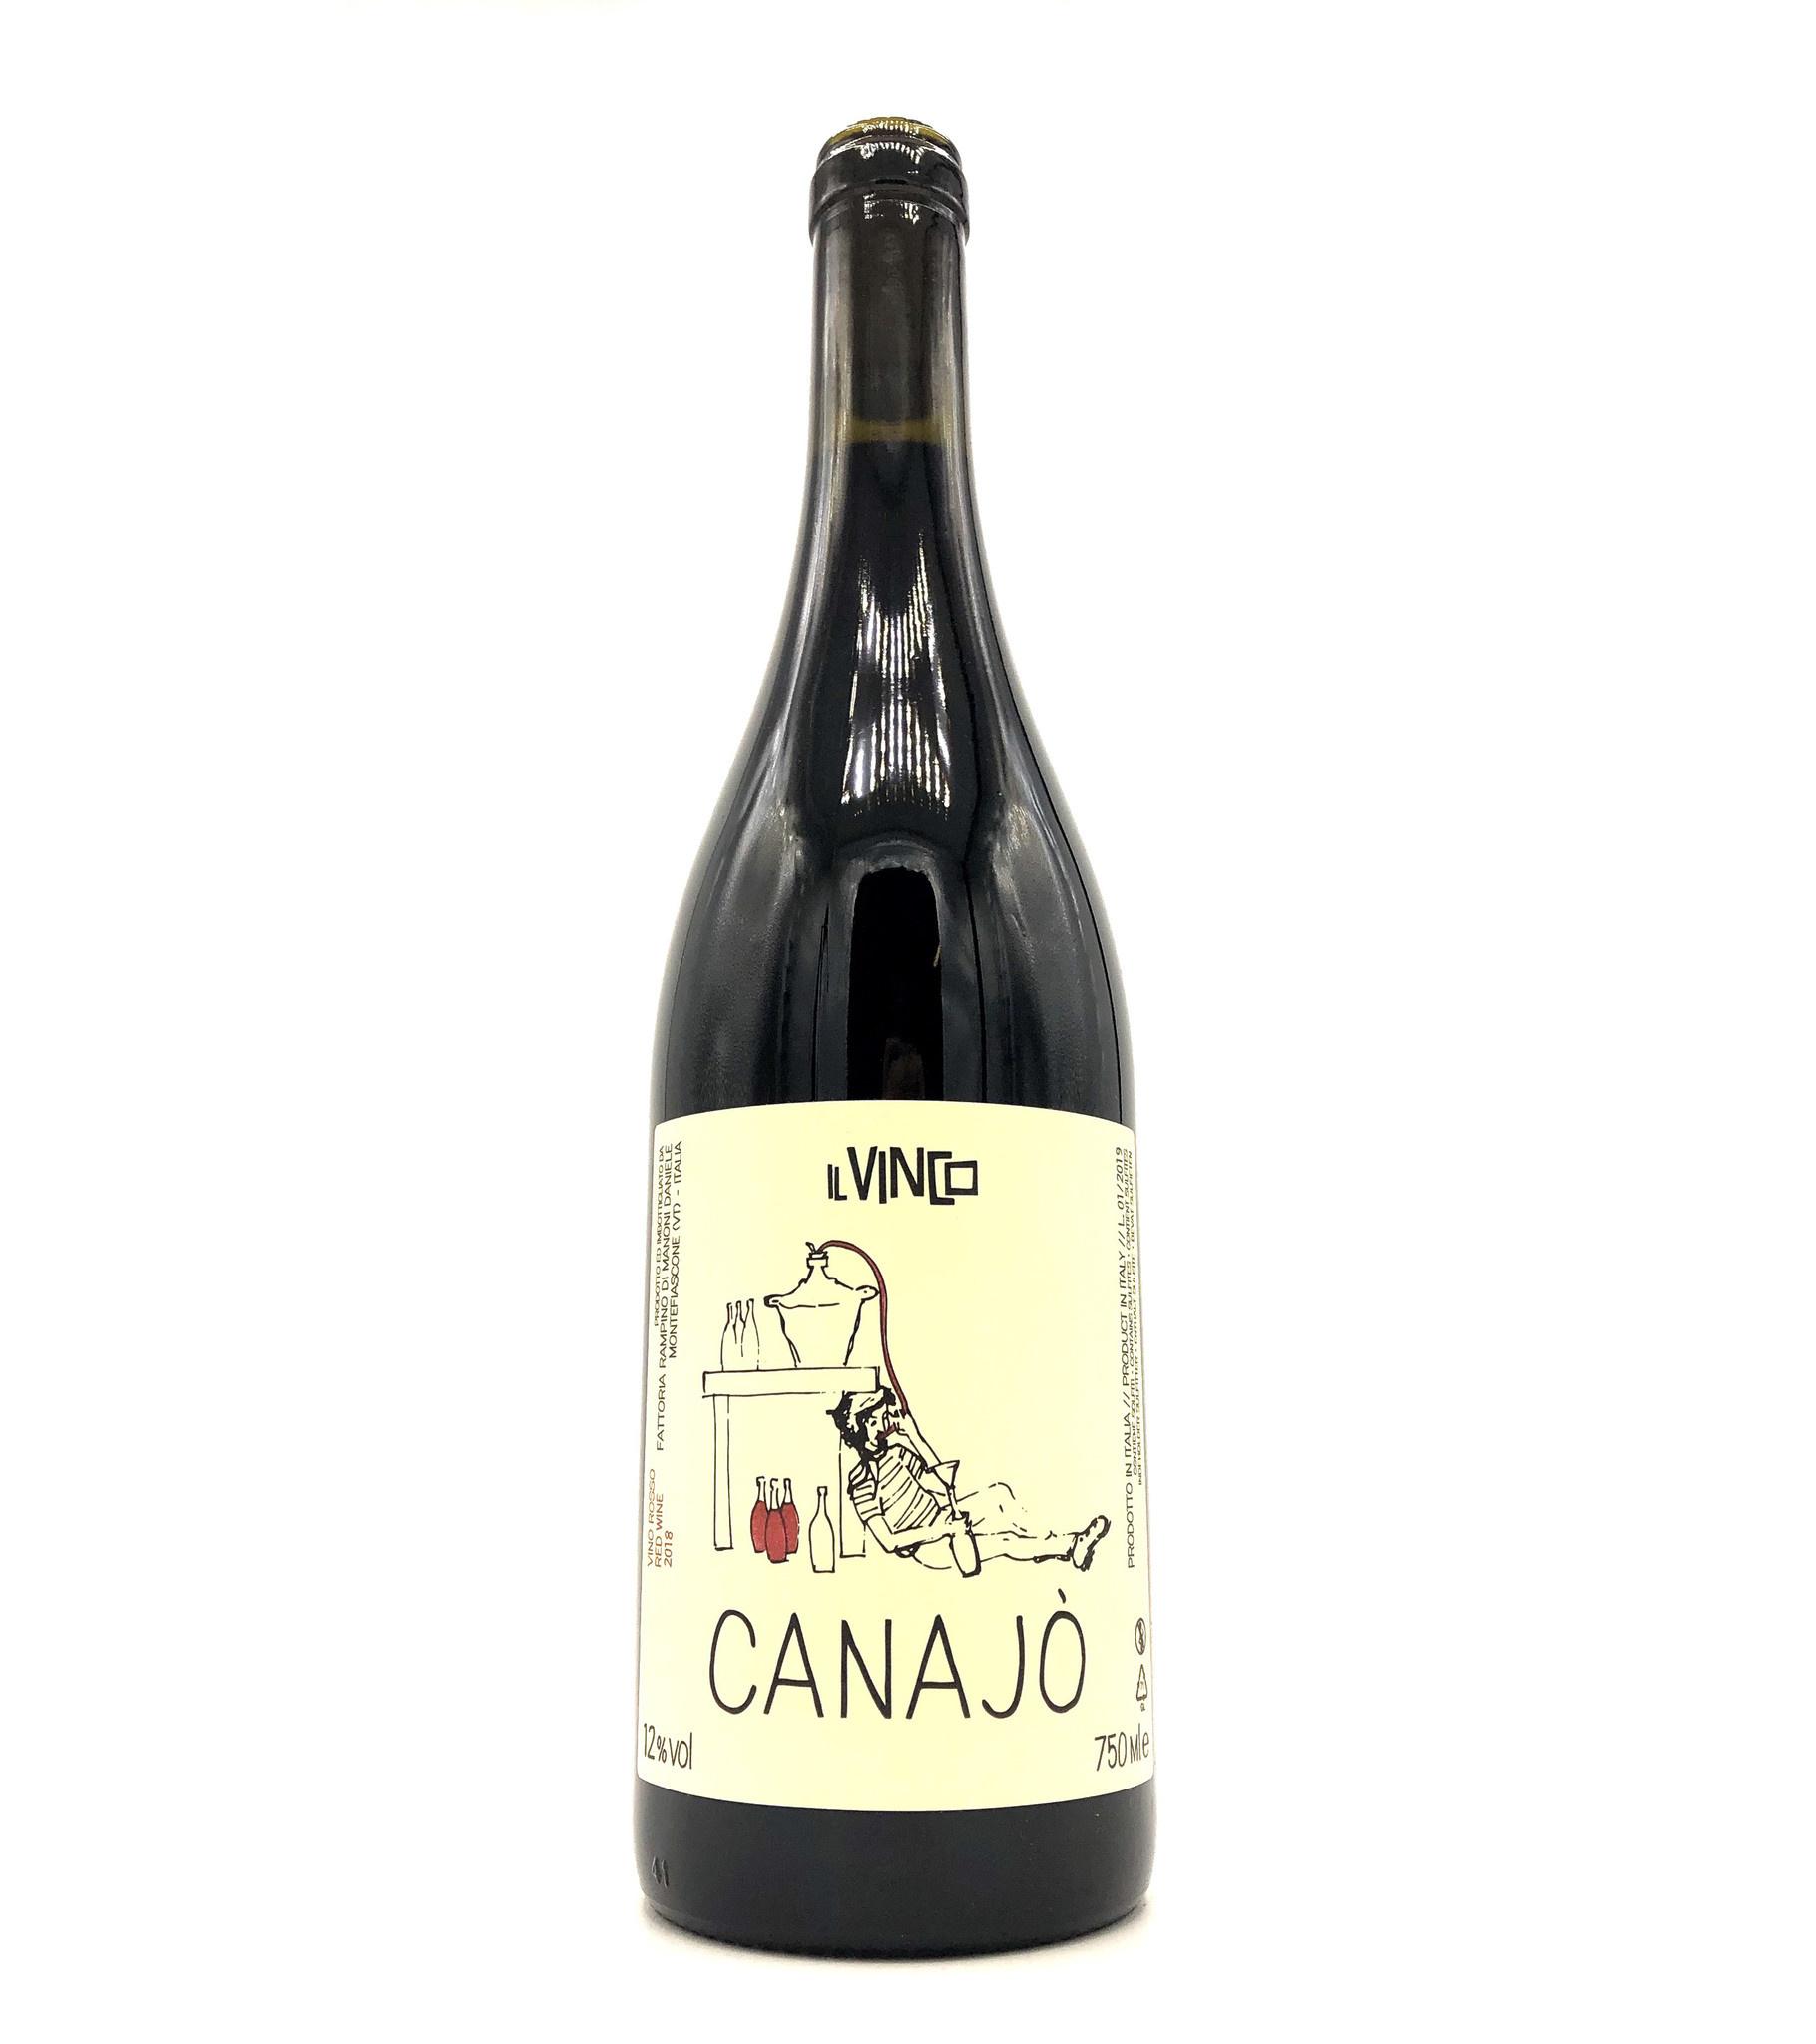 Canajò Vino Rosso 2019 Il Vinco